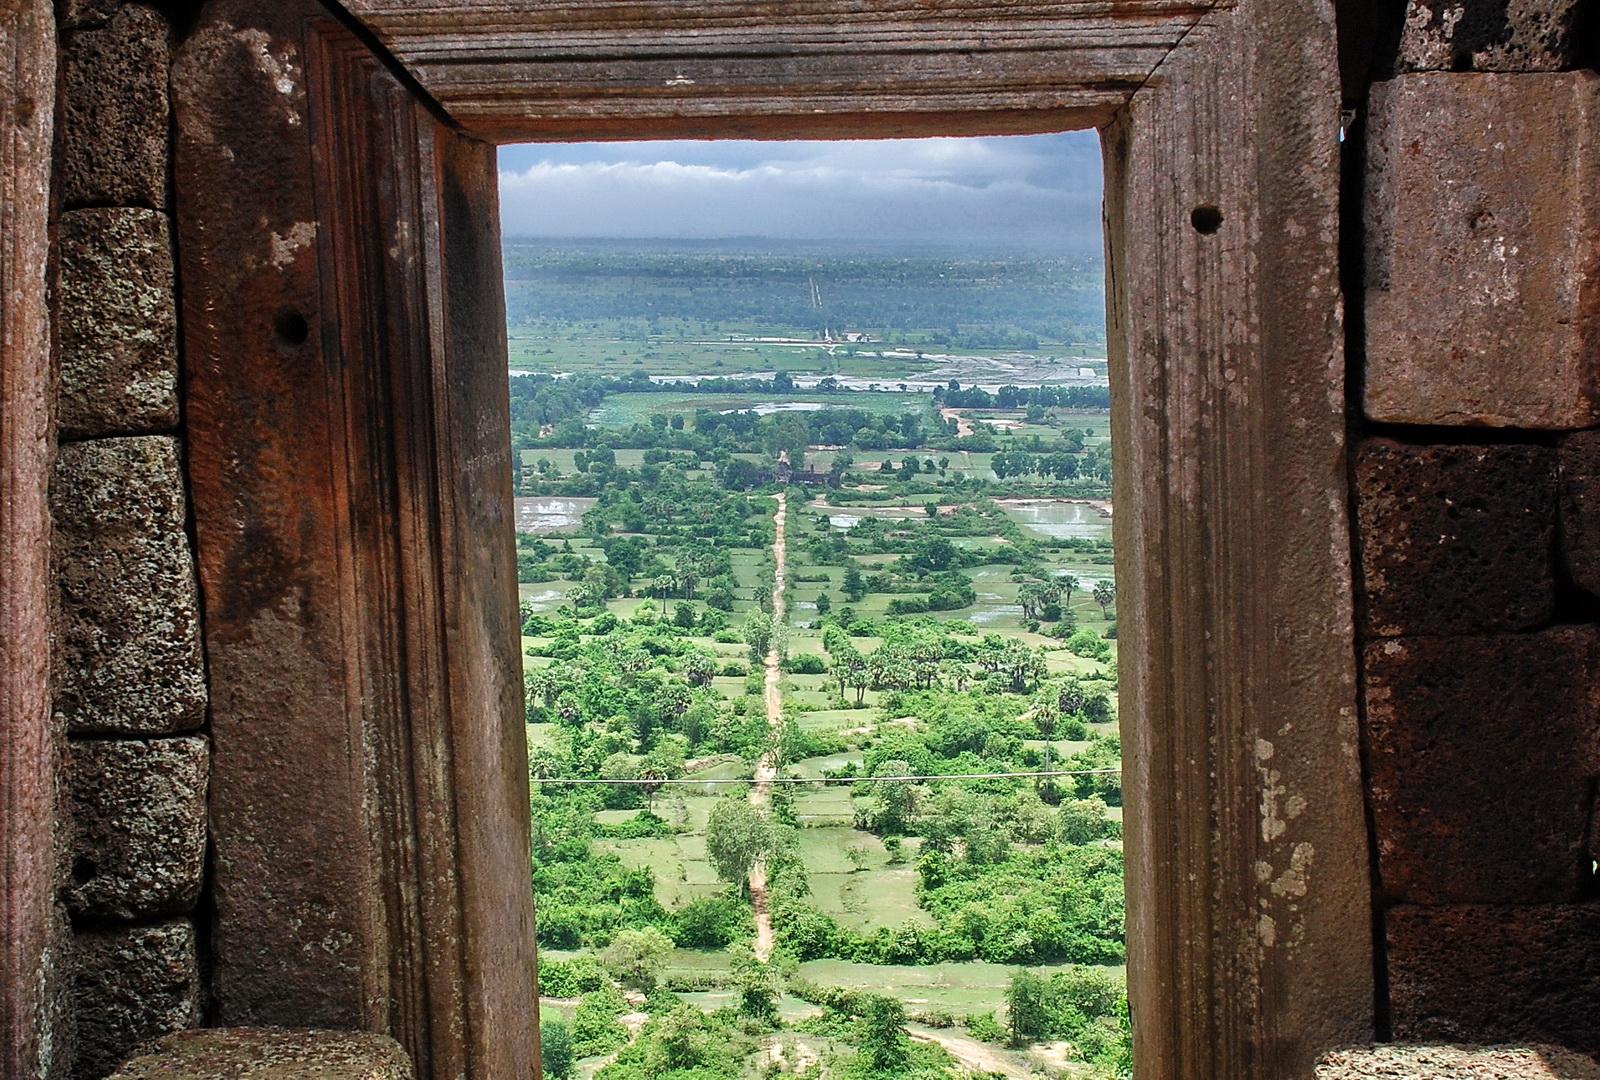 Cambodia, Phnom Chisor view